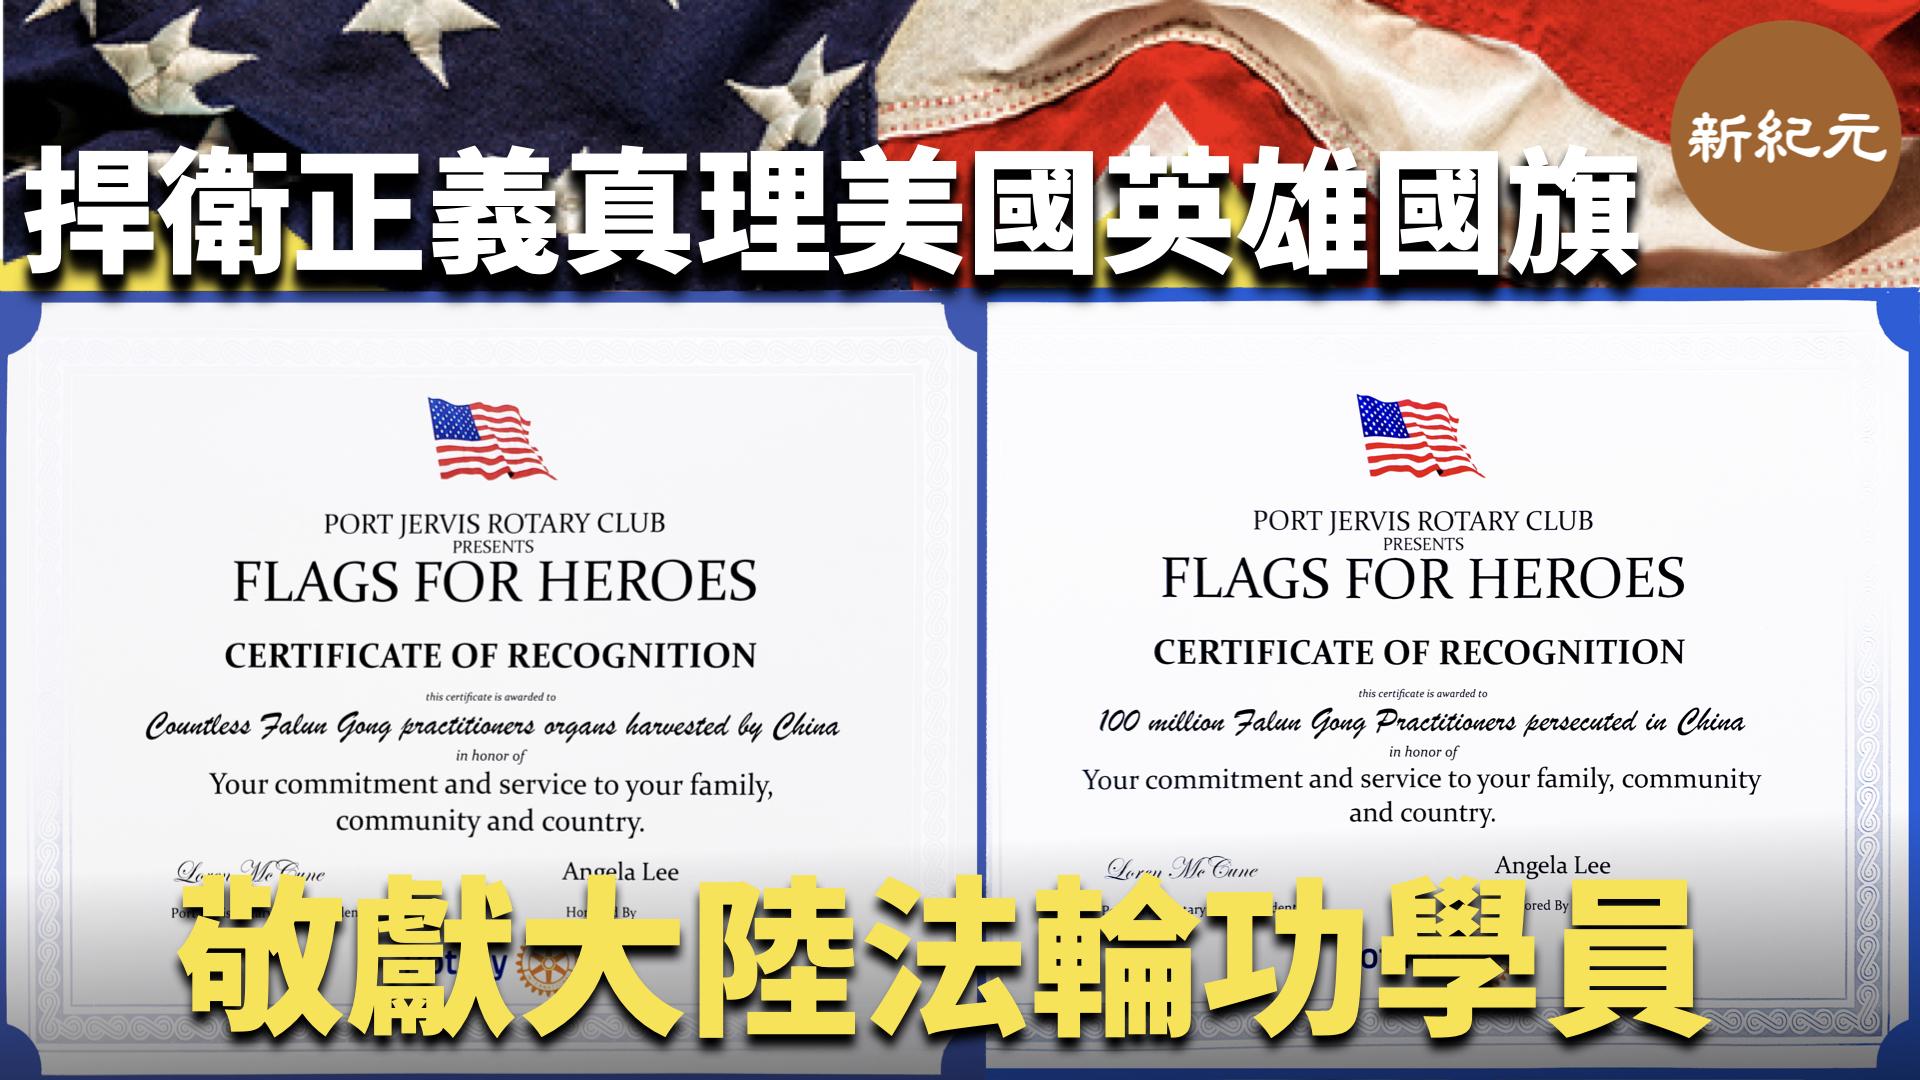 捍衛正義真理 美國英雄國旗🇺🇸敬獻大陸法輪功學員|#新紀元